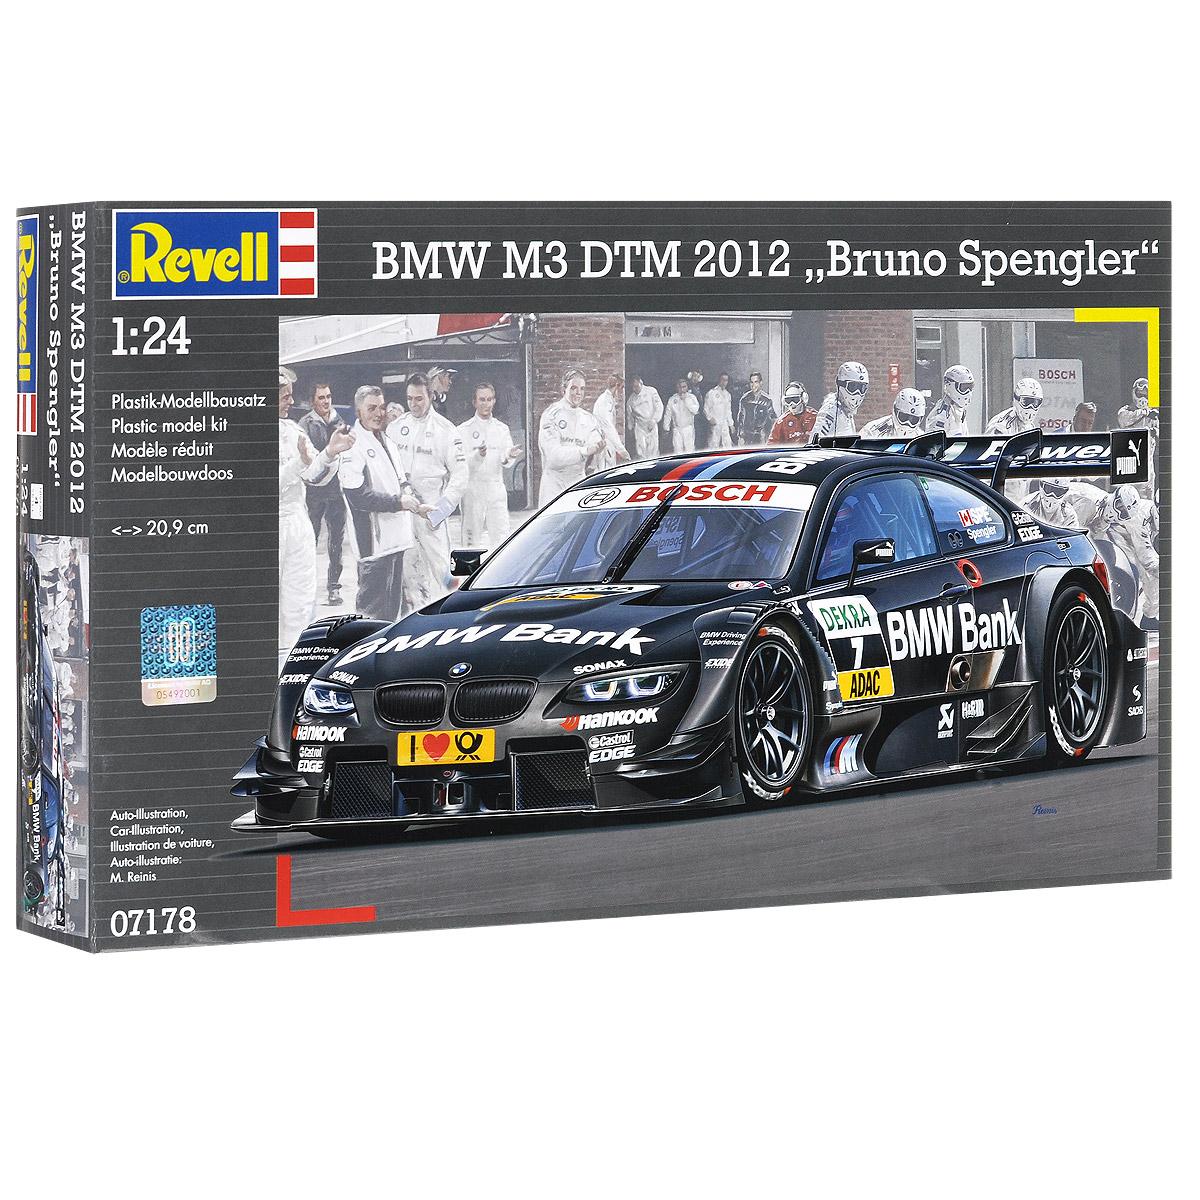 """Сборная модель Revell """"Гоночный автомобиль BMW M3 DTM 2012 """"Bruno Spengler"""" поможет вам и вашему ребенку придумать увлекательное занятие на долгое время. Набор включает в себя 131 пластиковый элемент, из которых можно собрать достоверную уменьшенную копию одноименного автомобиля. BMW M3 - высокотехнологичная спортивная версия компактных автомобилей BMW 3 серии от BMW M GmbH. Модели M3 сделаны на базе E30, E36, E46 и E90/E92/E93 3-ей серии. Основные отличия от """"стандартных"""" автомобилей 3 серии включают более мощный двигатель, улучшенная подвеска, более агрессивный и аэродинамичный кузов, множественные акценты как в интерьере так и в экстерьере на принадлежность к линейке """"M""""/Motorsport. Также в наборе схематичная инструкция по сборке. Процесс сборки развивает интеллектуальные и инструментальные способности, воображение и конструктивное мышление, а также прививает практические навыки работы со схемами и чертежами. Уровень сложности: 4. ..."""